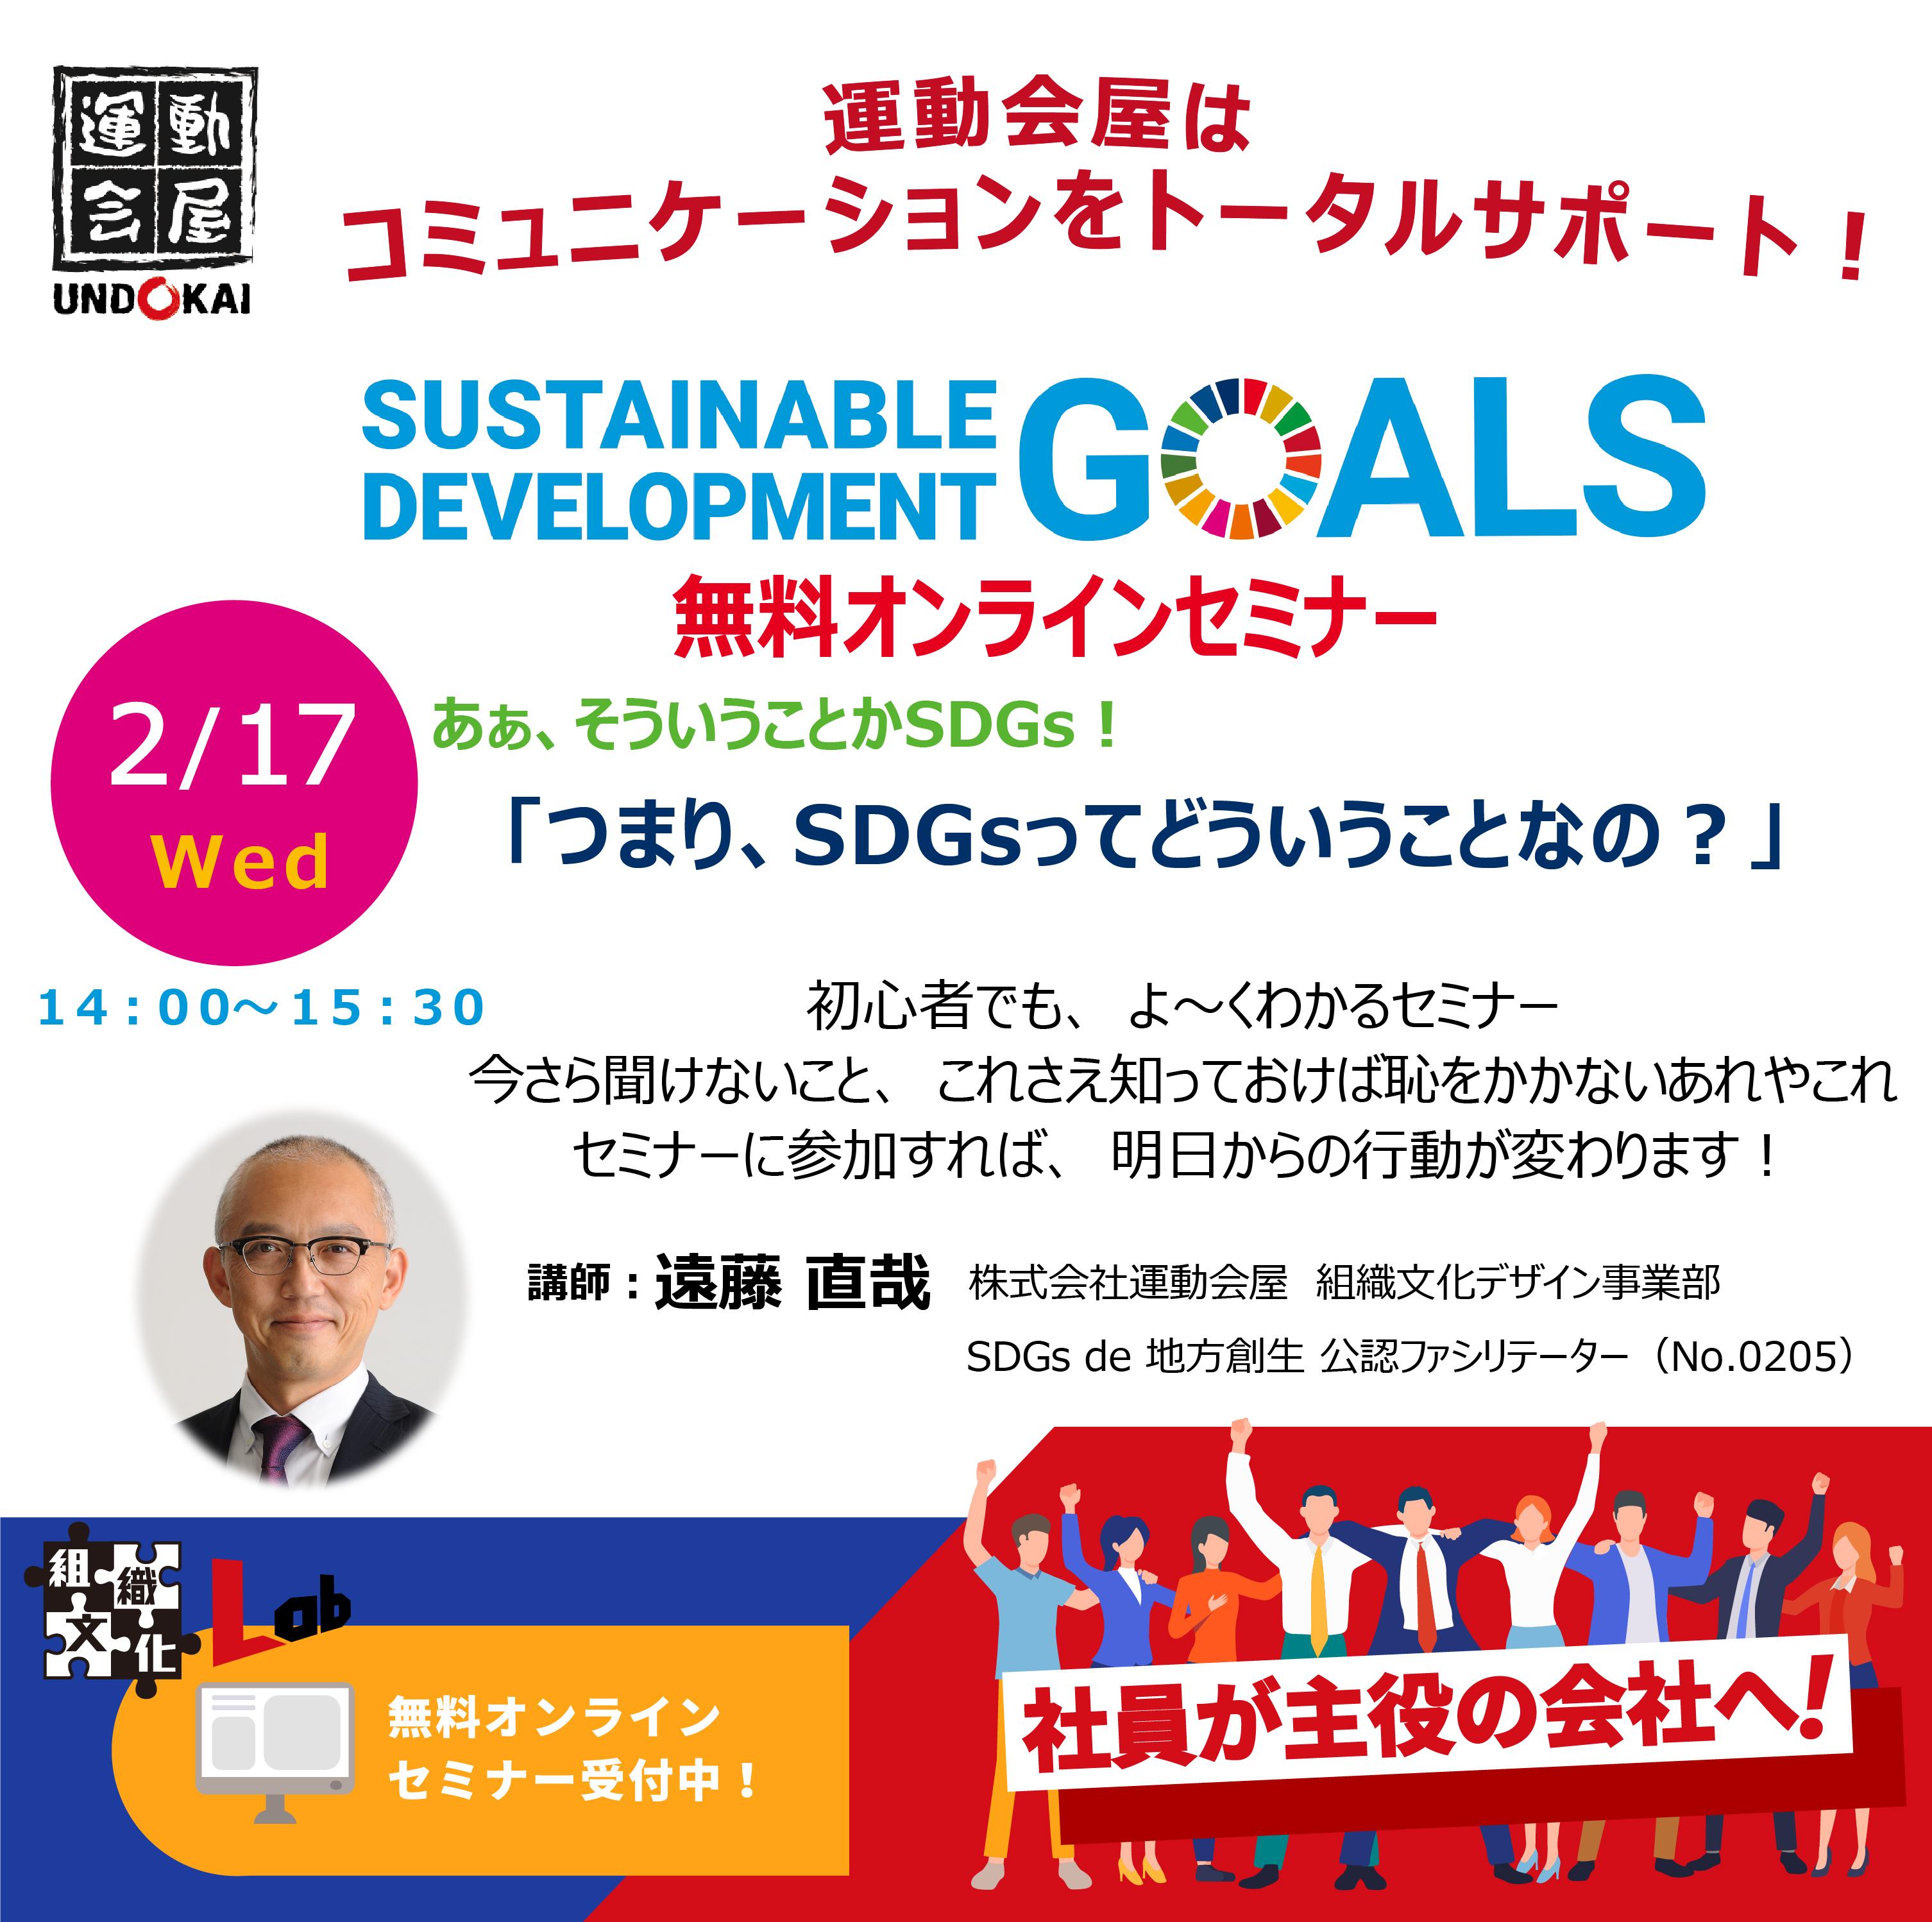 あぁそういうことか!SDGs